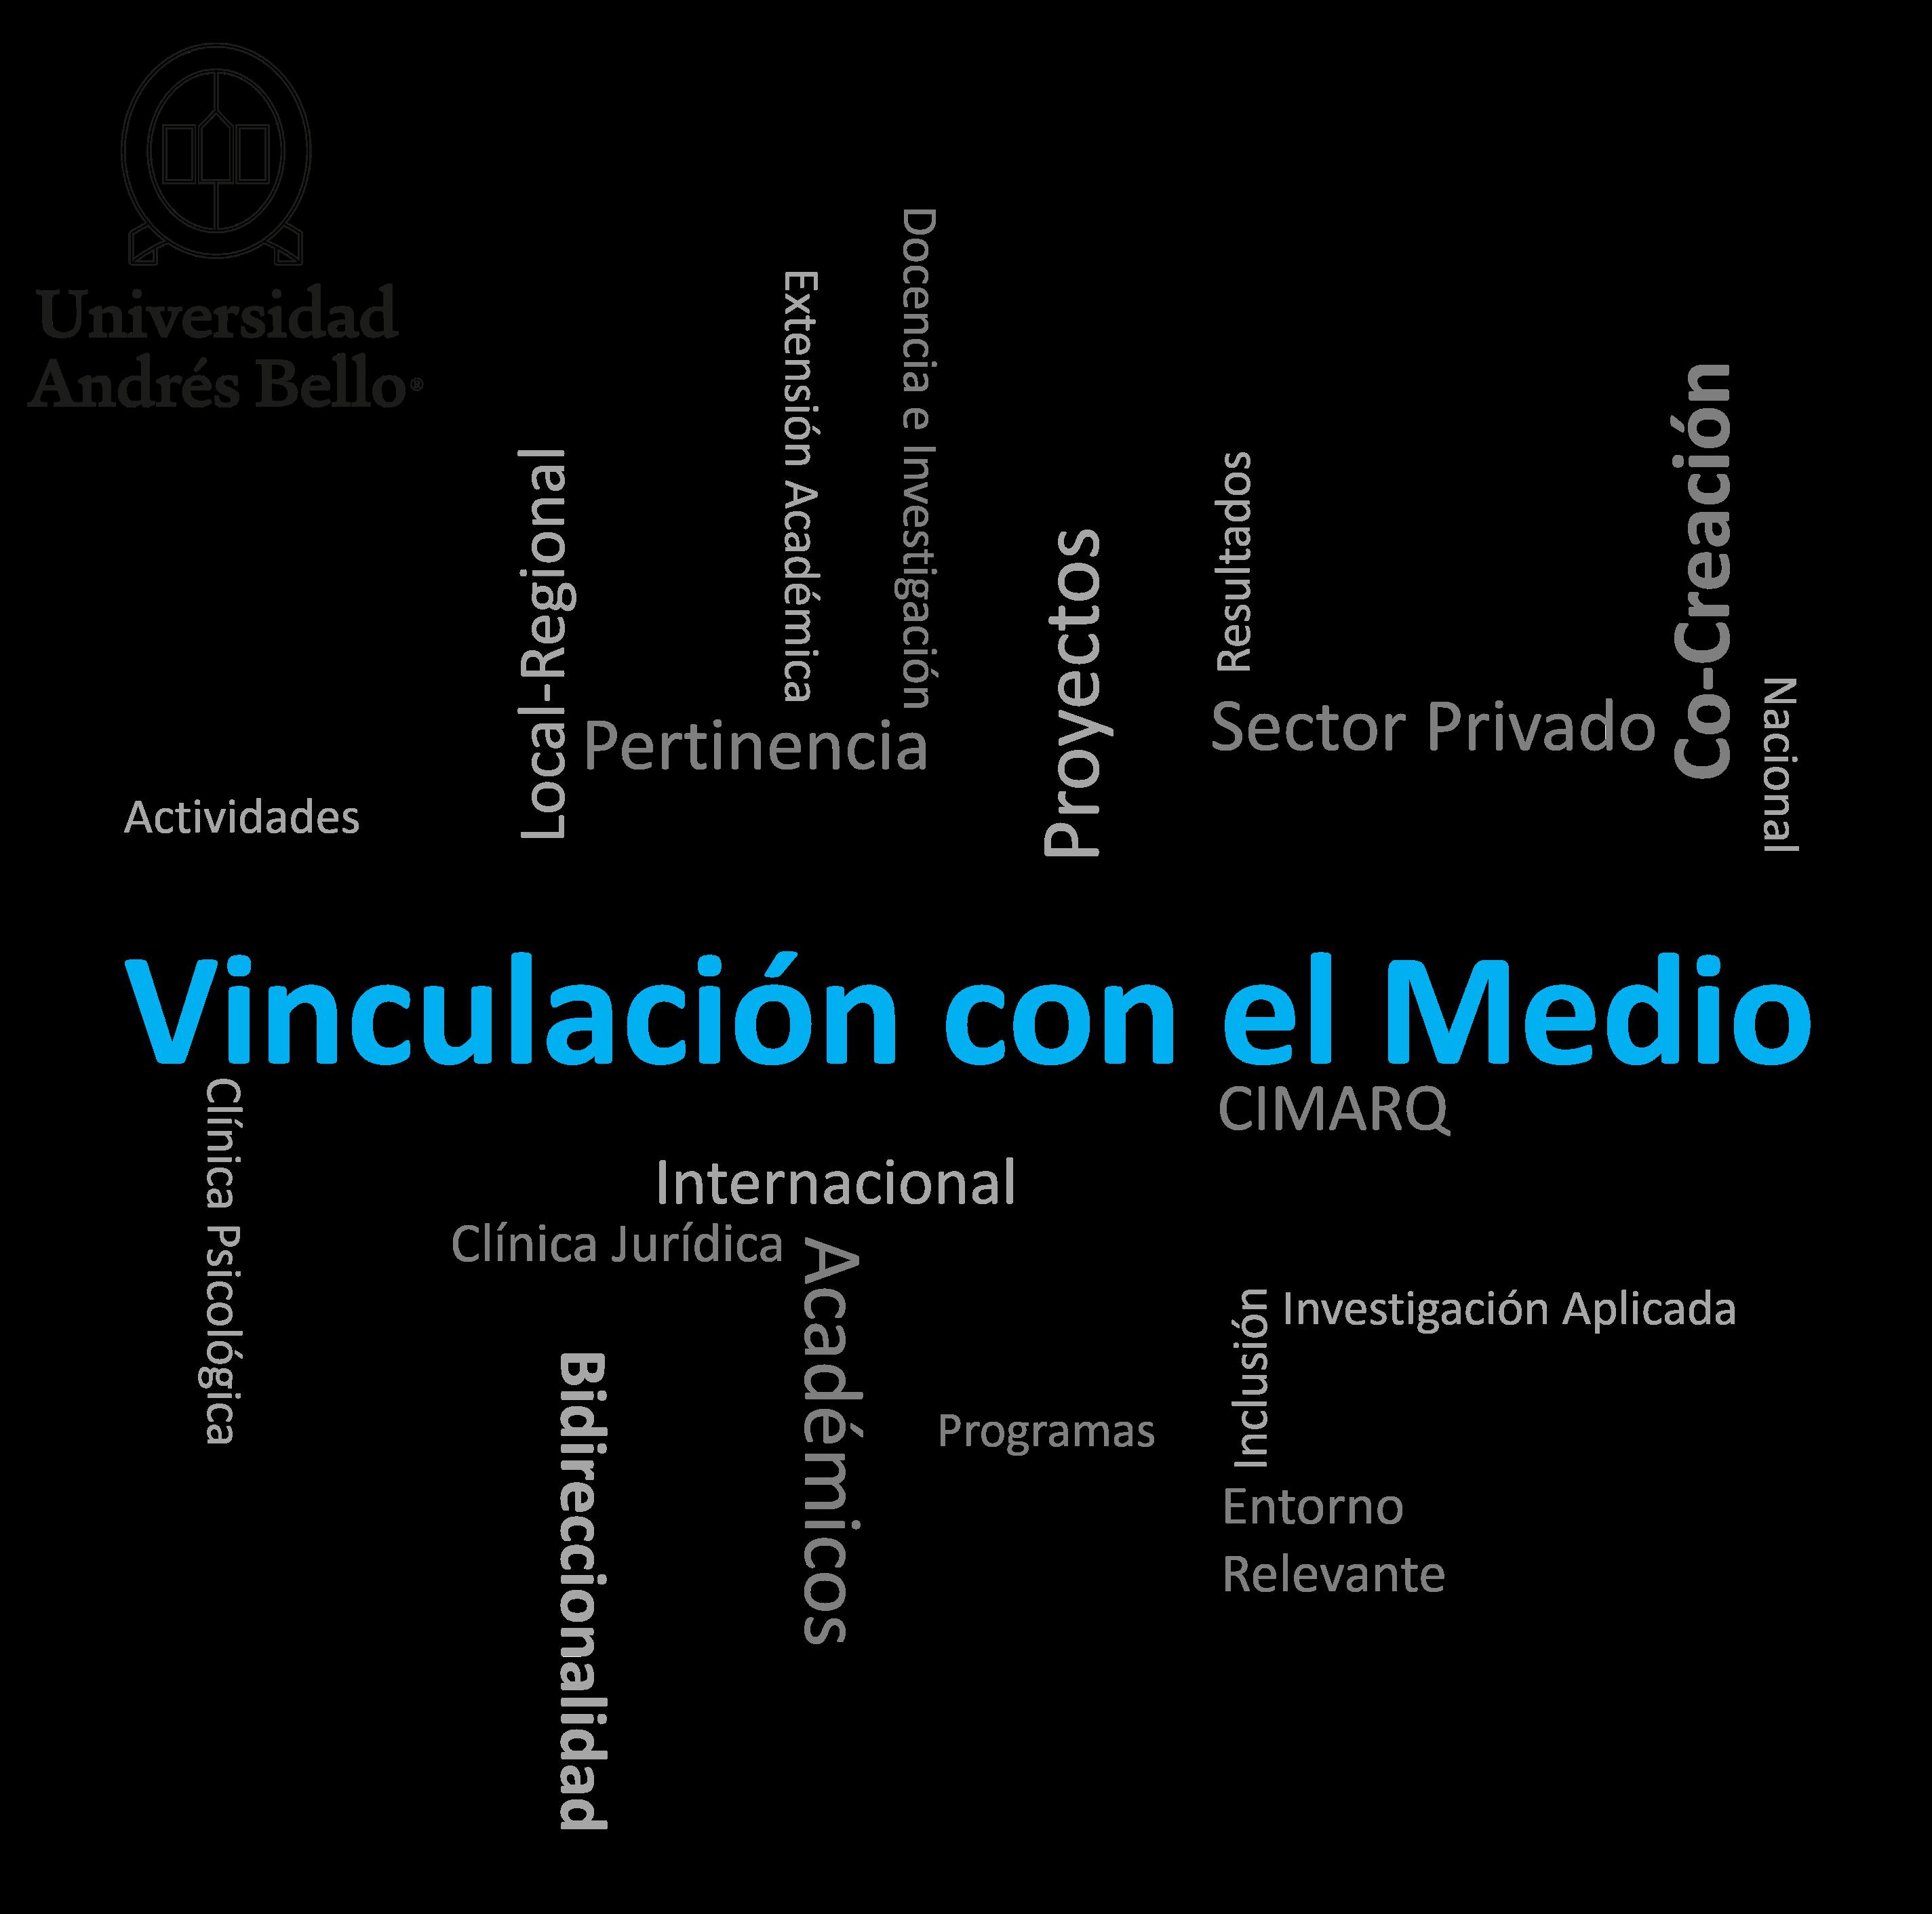 Reporte VcM 2013-2016